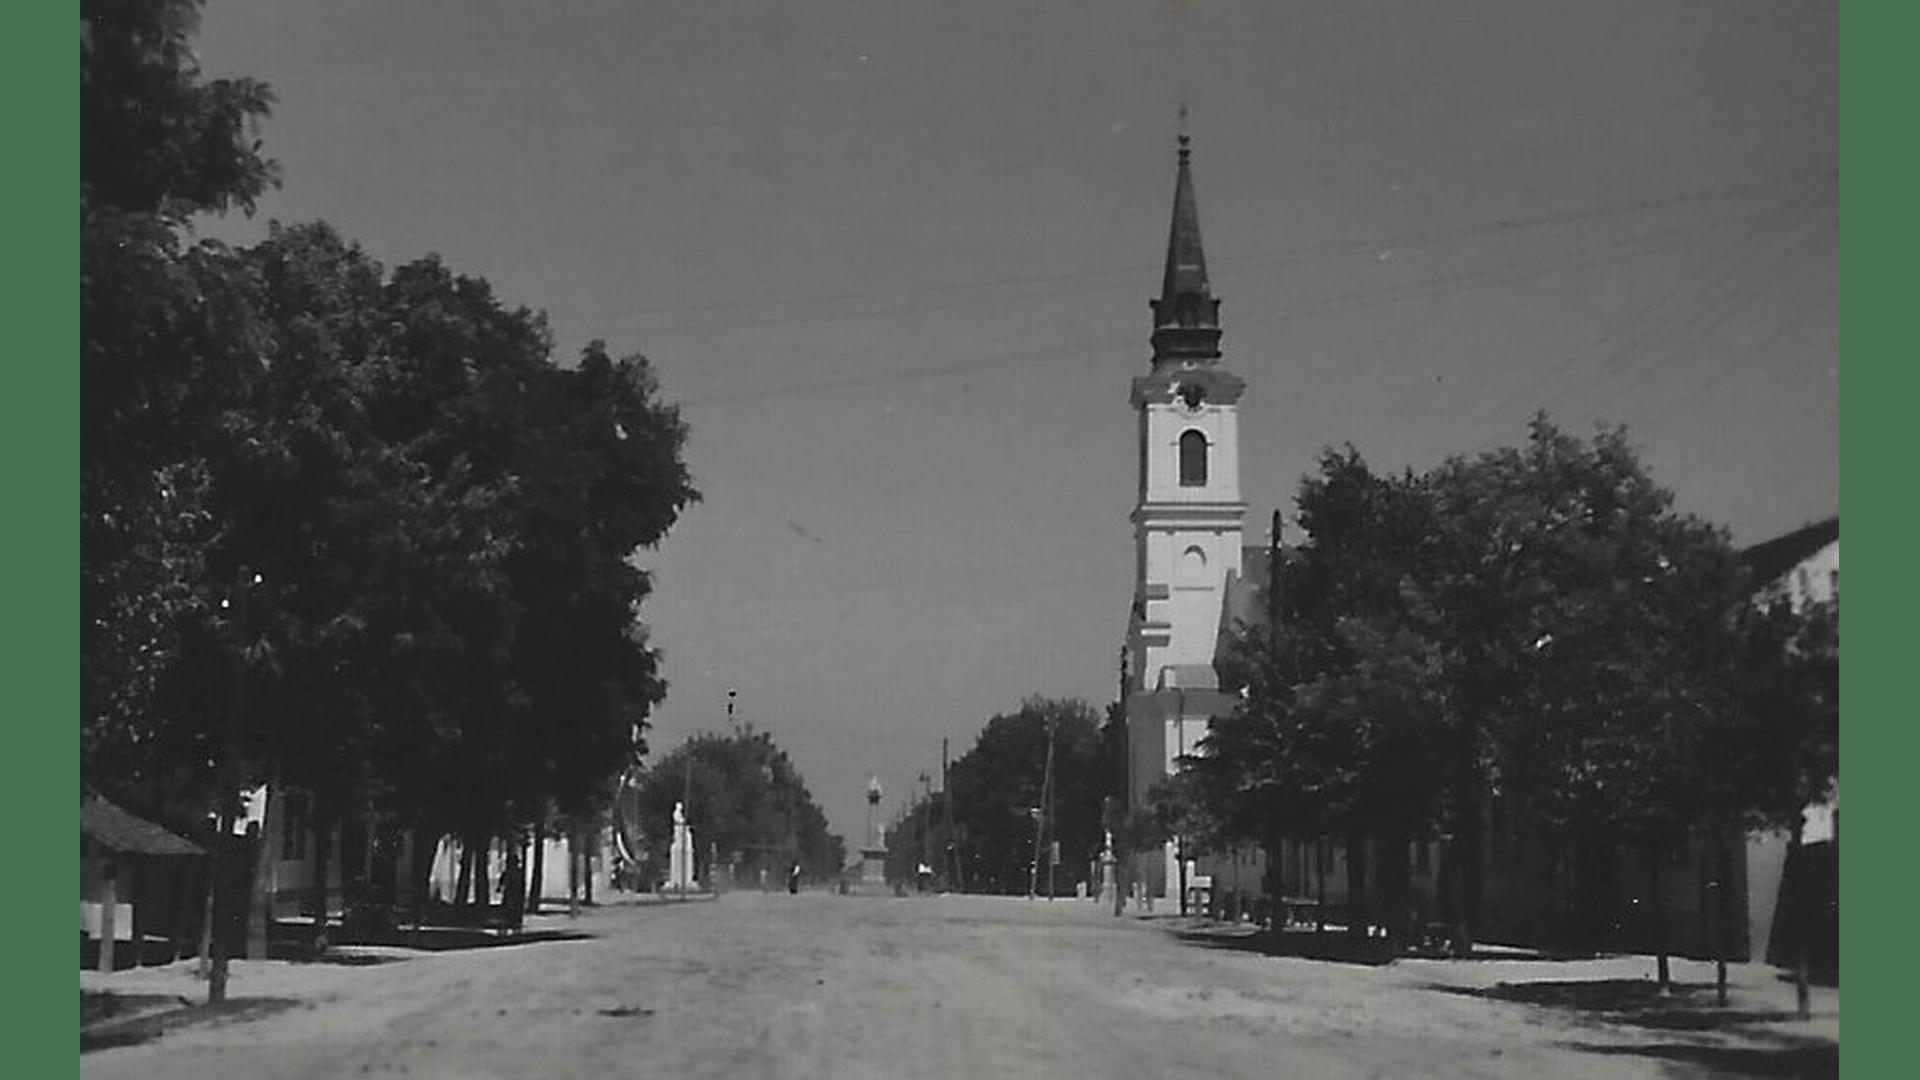 Ortszentrum – Dreifaltigkeitssäule und röm.kath. Kirche – 1938